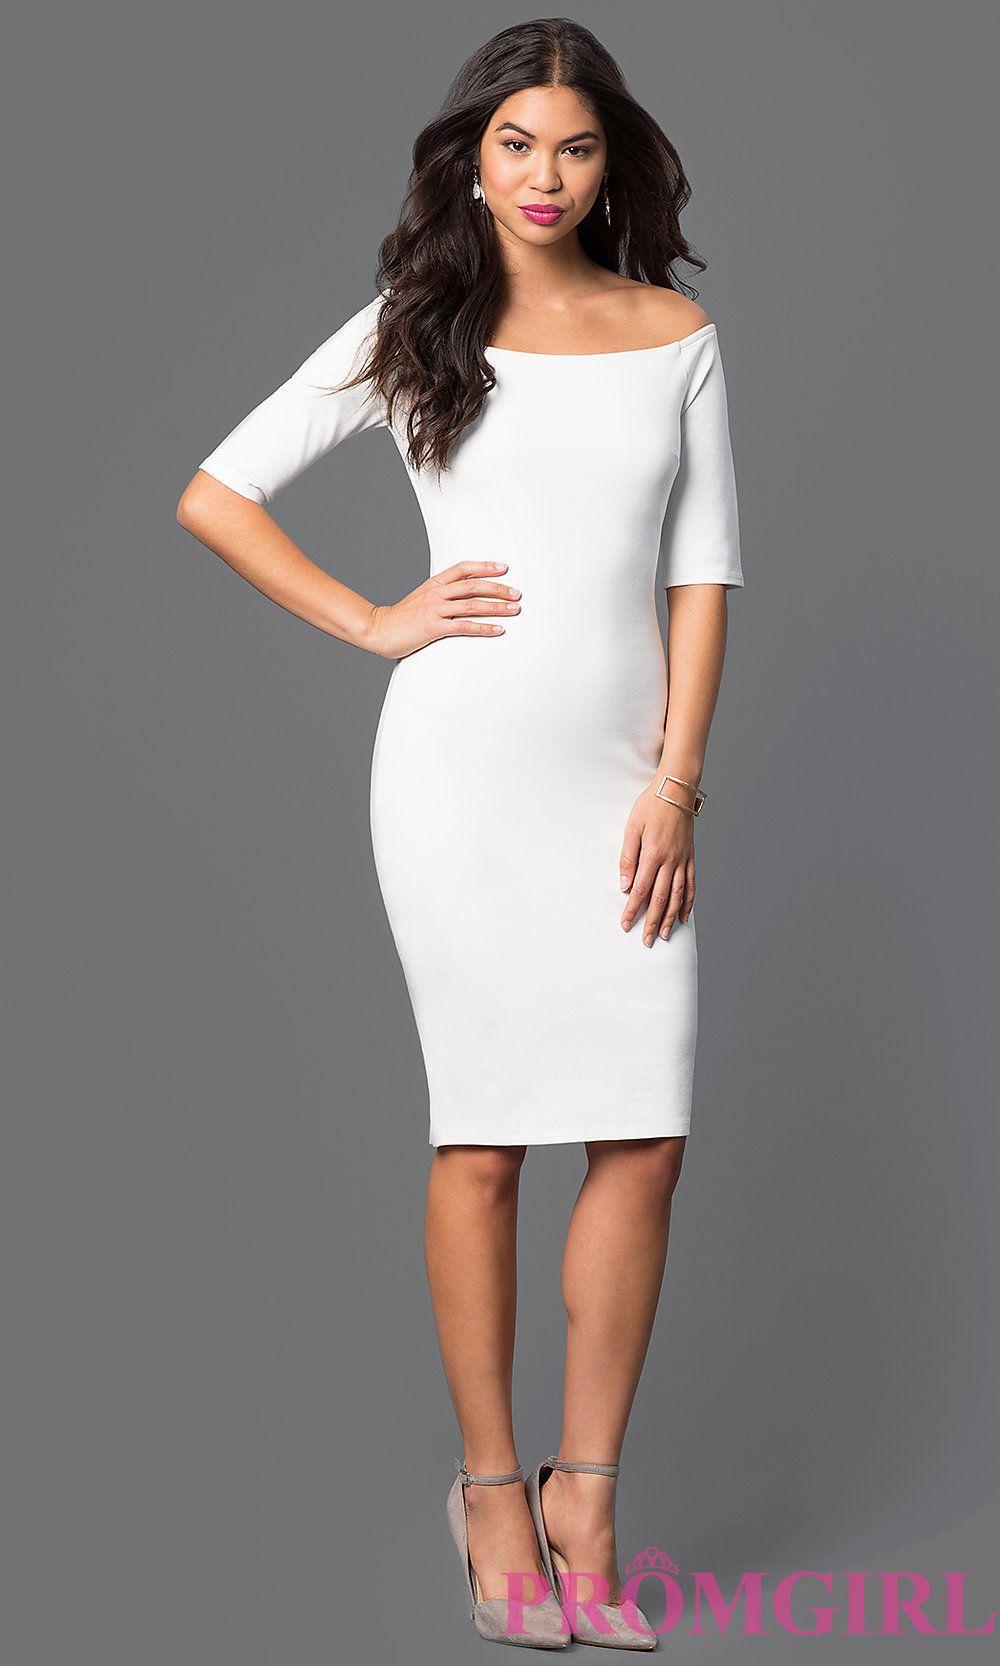 1663e44824 Fitted Off the Shoulder Knee Length Dress Style  JTM-JD4901 ...